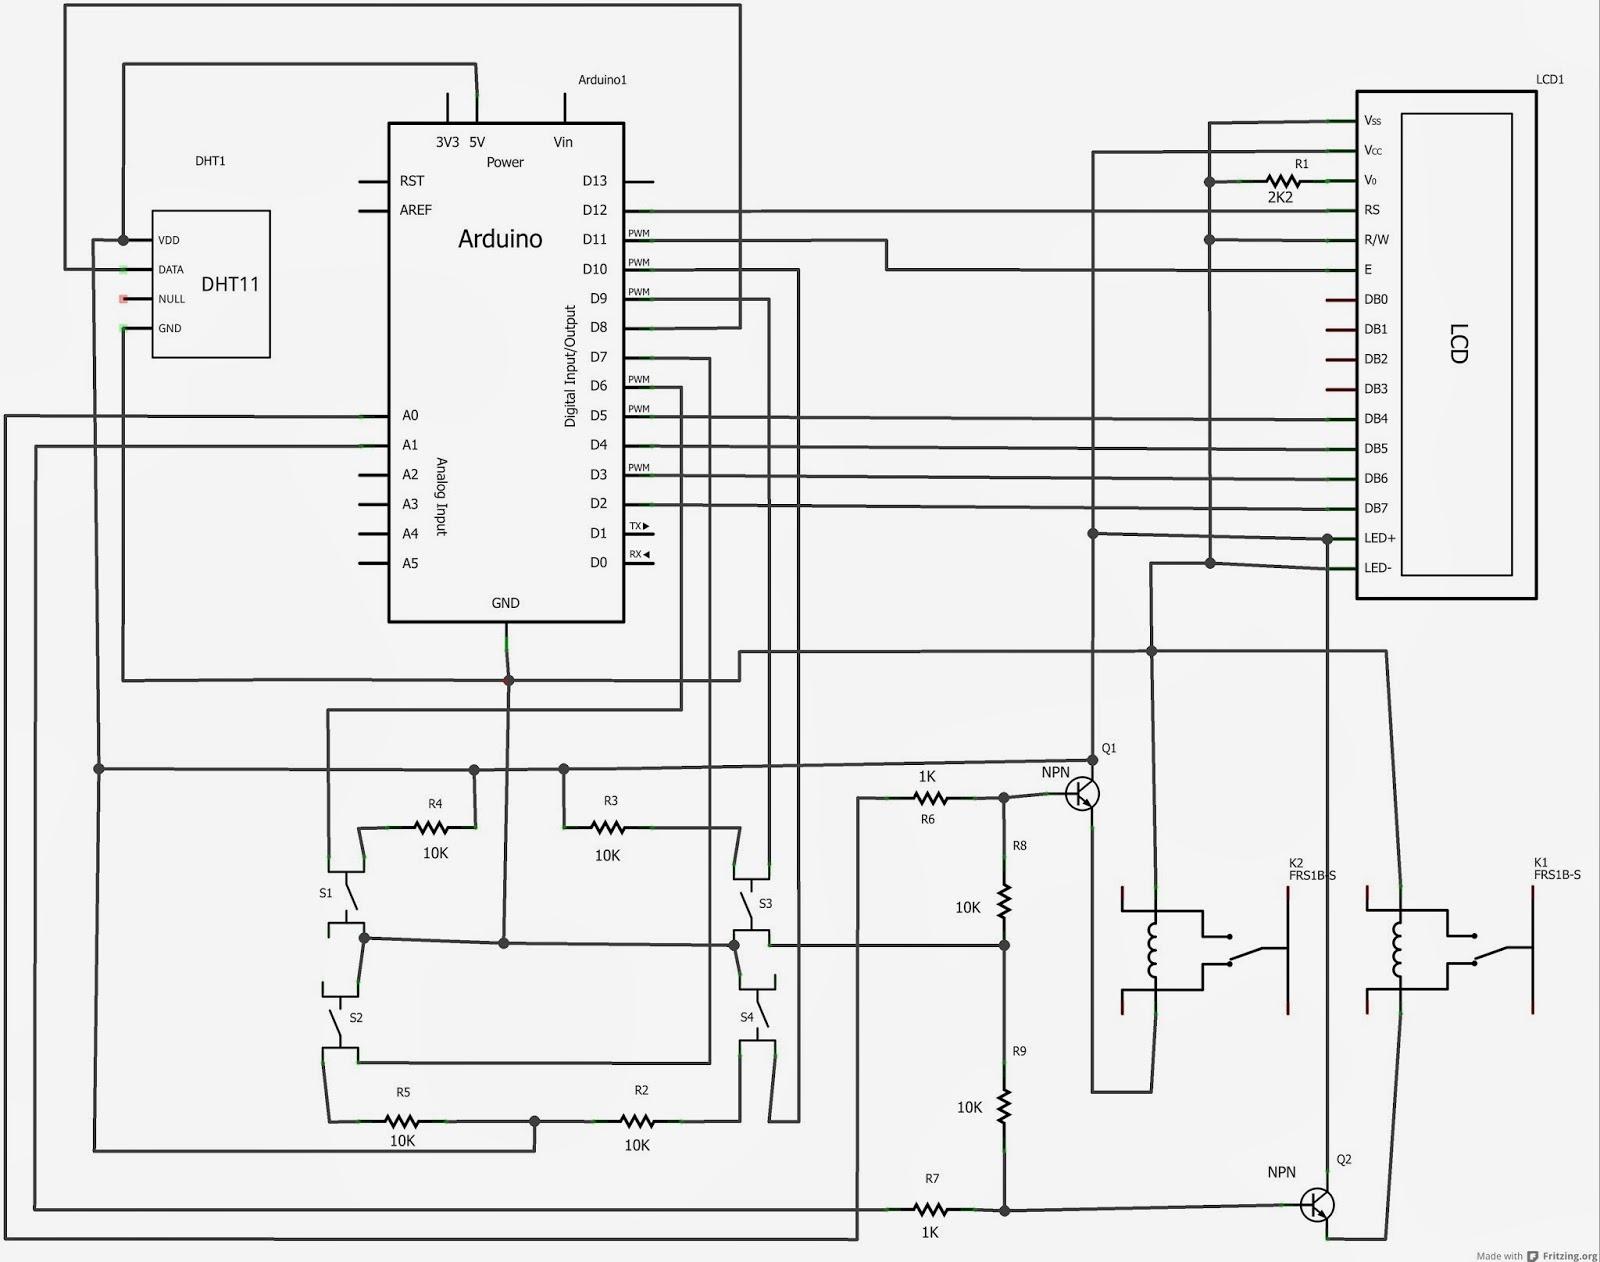 Schema Elettrico Termostato Frigo : Daniele alberti arduino s termostato